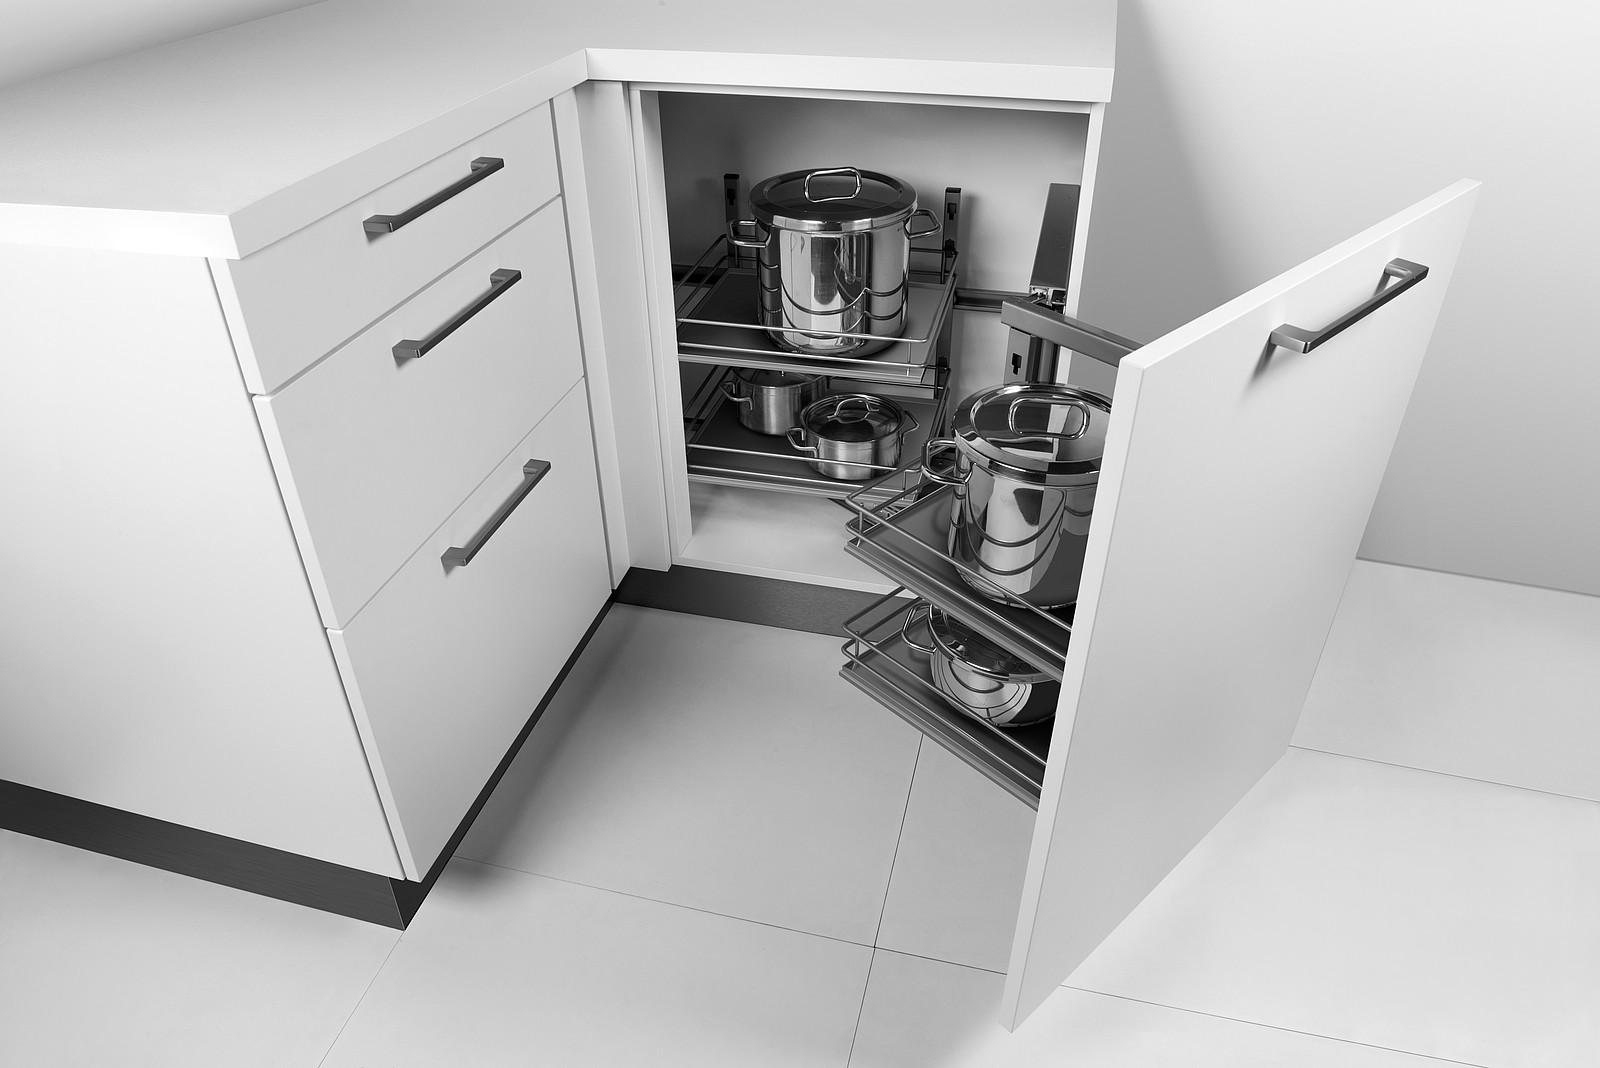 Full Size of Eckschrank In Der Kche Alle Ecklsungen Im Berblick Sitzecke Küche Arbeitsplatte Einrichten Modulküche Pantryküche Mit Kühlschrank Pendelleuchten Auf Raten Wohnzimmer Eckschränke Küche